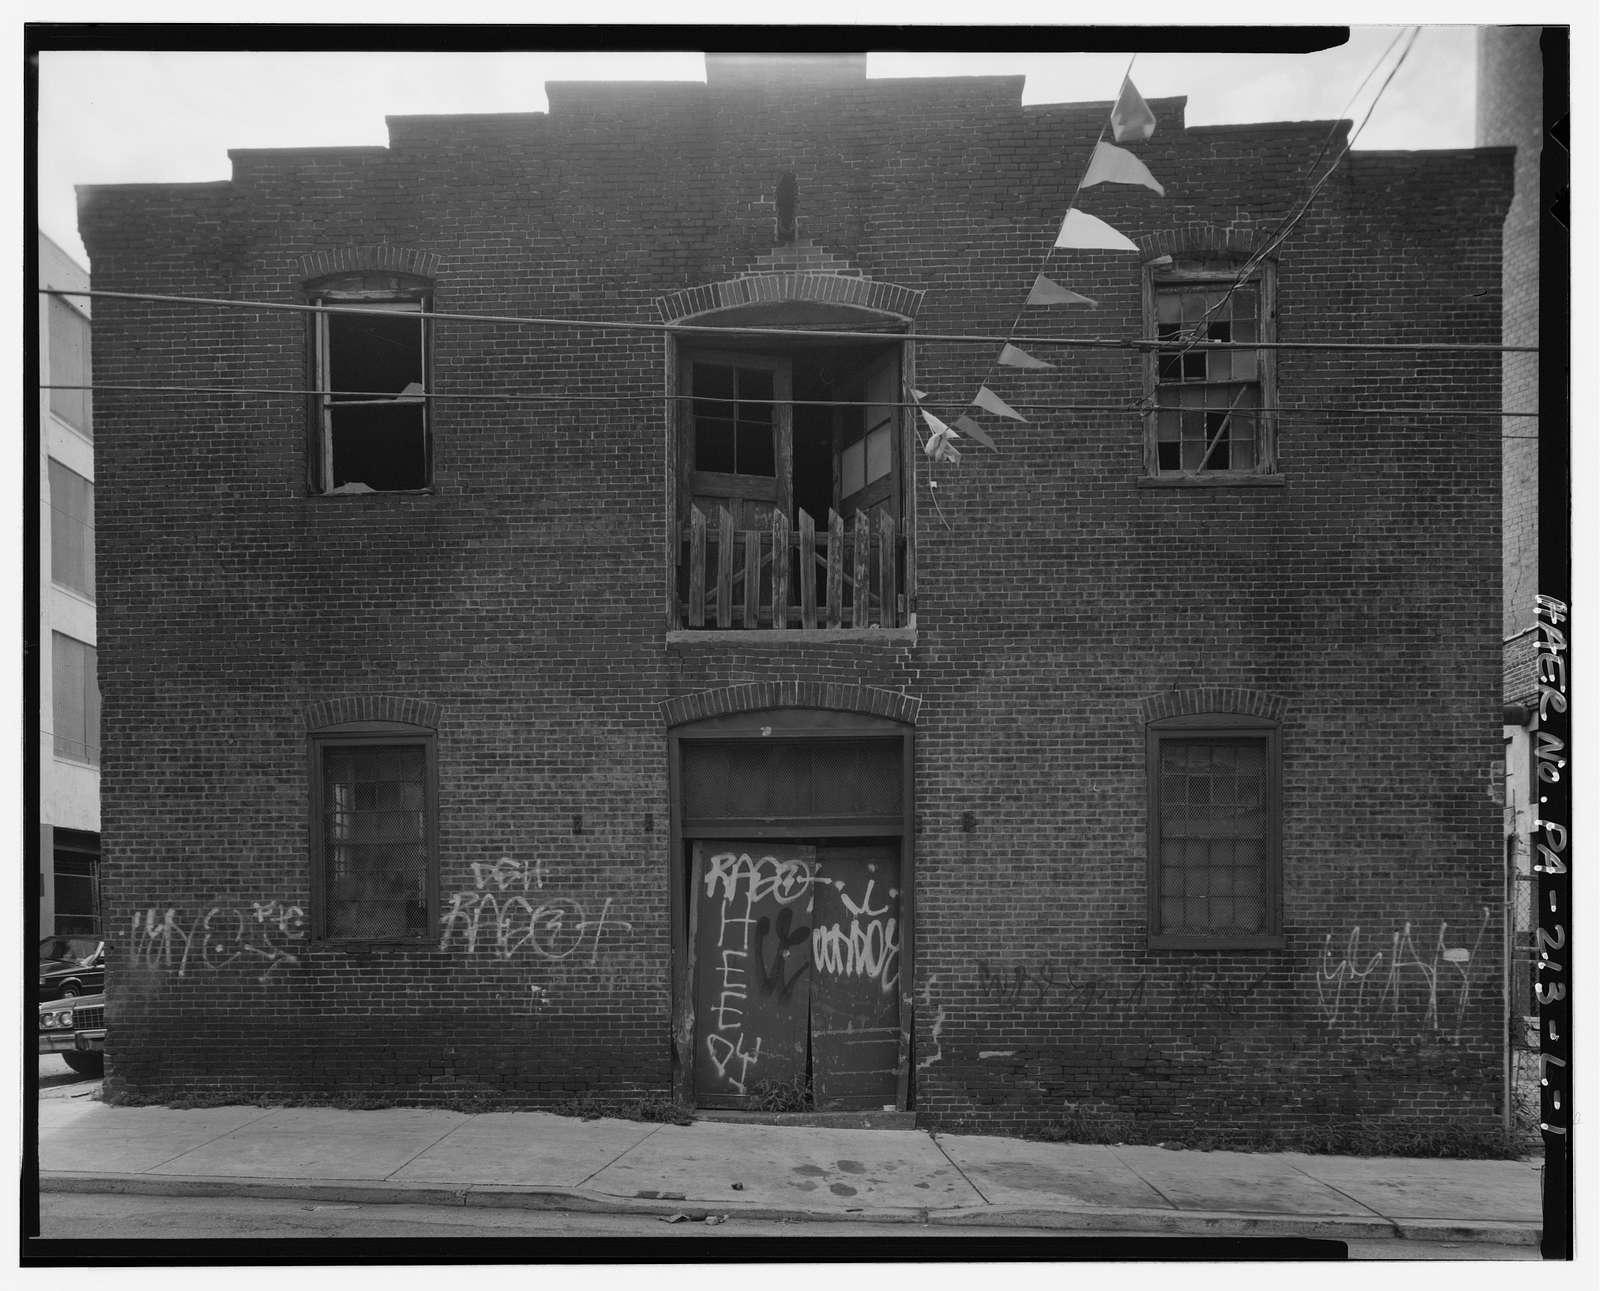 Daniel F. Waters Germantown Dye Works, Building L, 37-55 East Wister Street, Philadelphia, Philadelphia County, PA